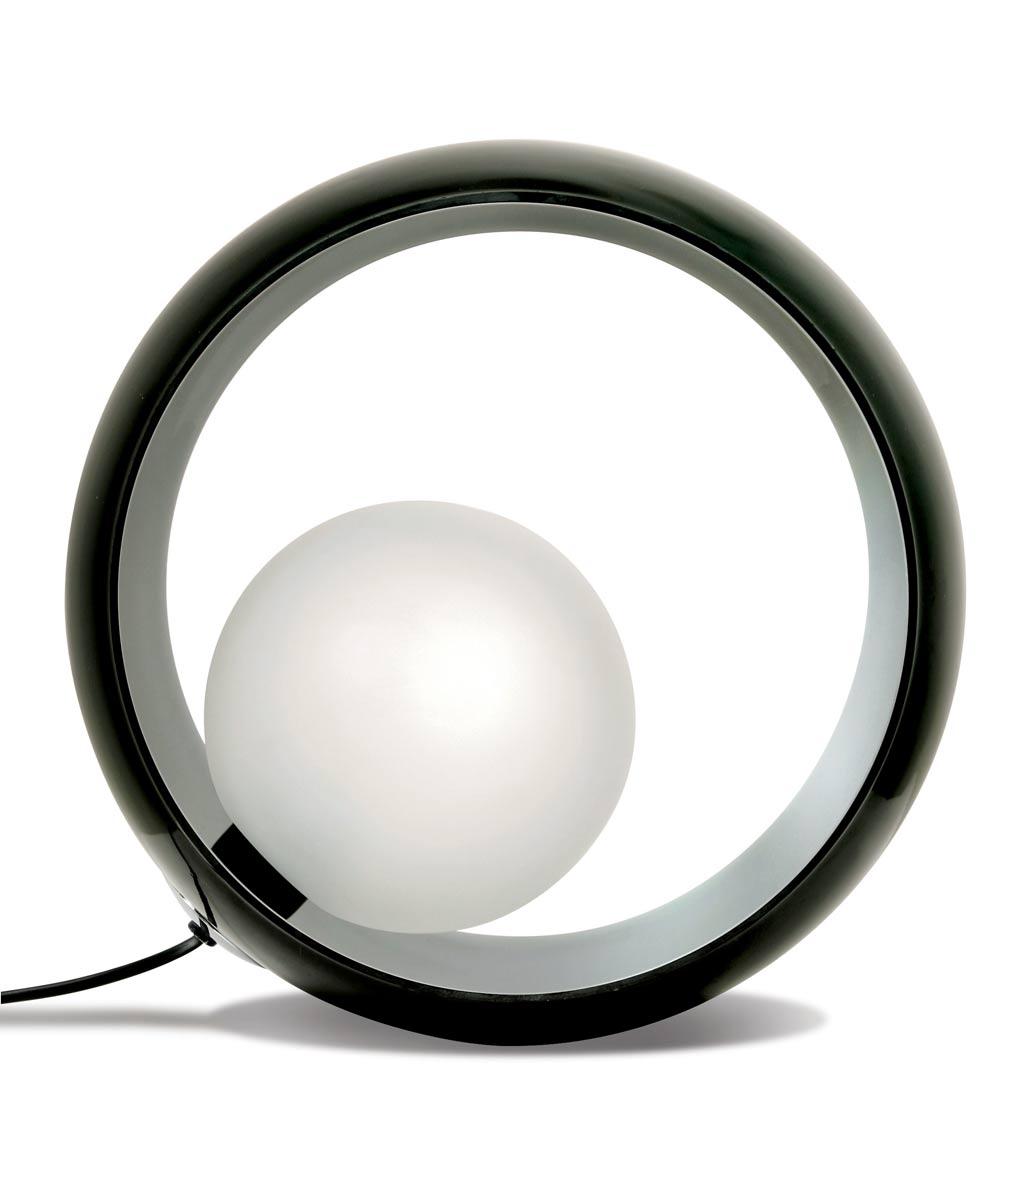 Okio Lampe A Poser En Verre Triplex Noir Luminaire Concept Verre